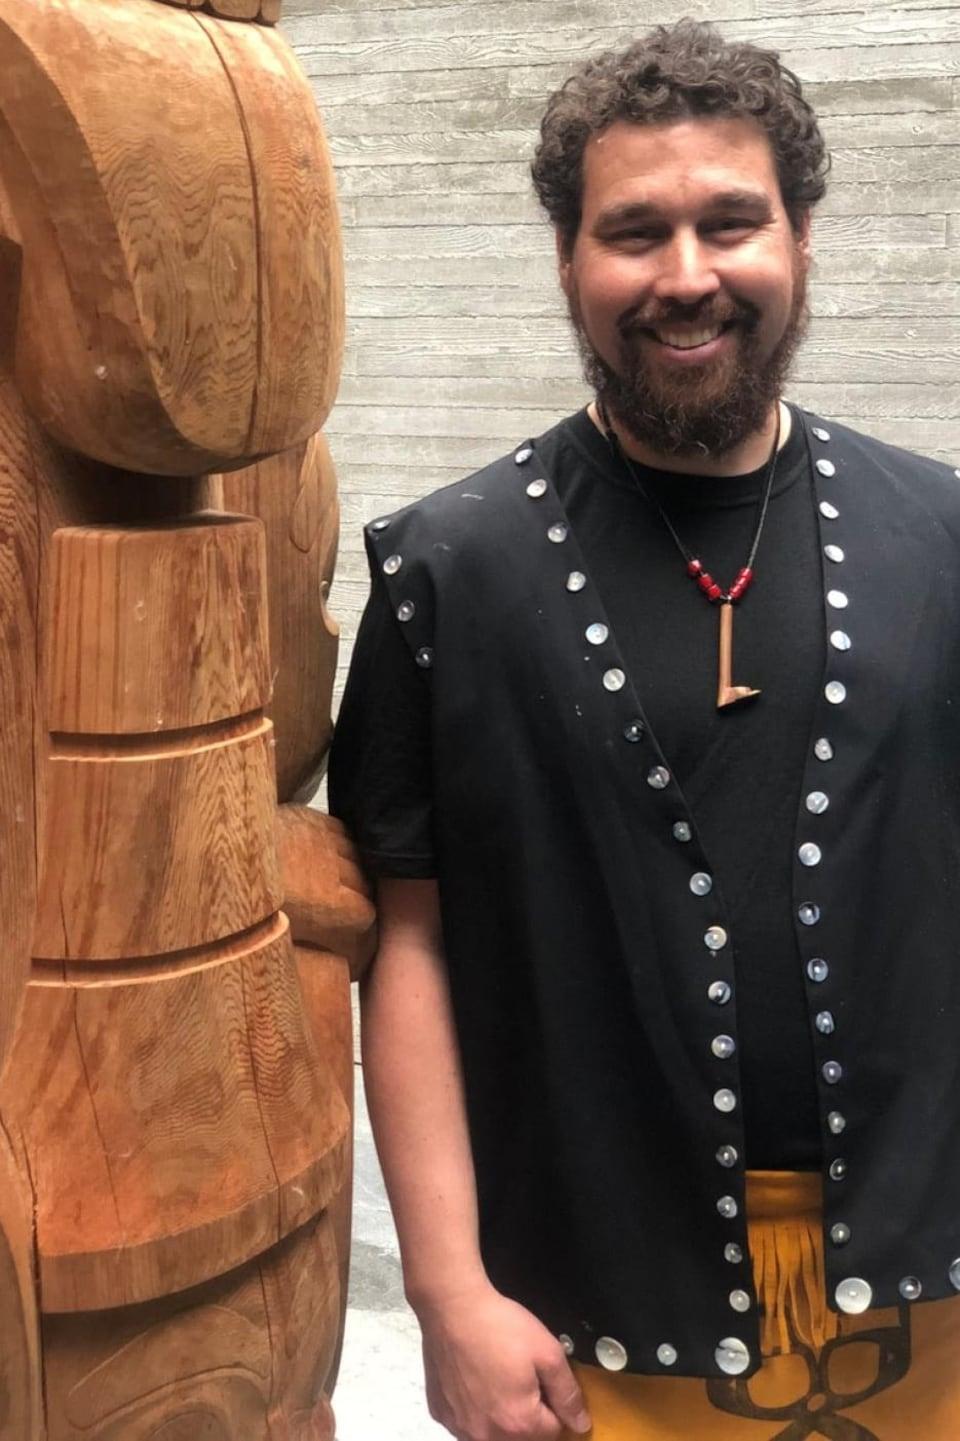 L'artiste pose en habit traditionnel à côté d'un totem de bois.